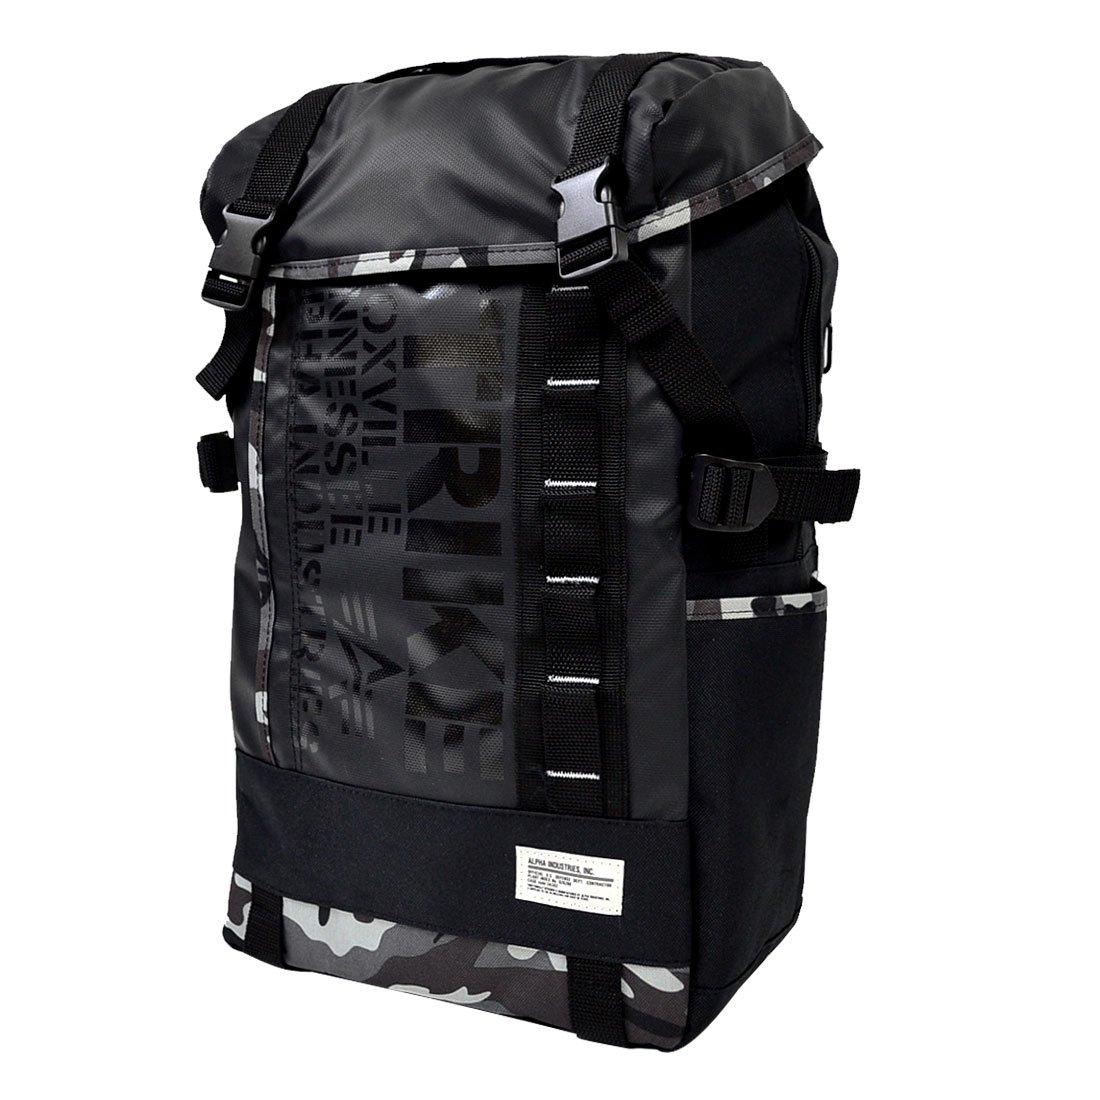 (アルファ インダストリーズ)ALPHA リュックサック メンズ レディース 0473200 フラップ デカリュック バックパック デイパック B01CQE2V5Y Black Camo Black Camo